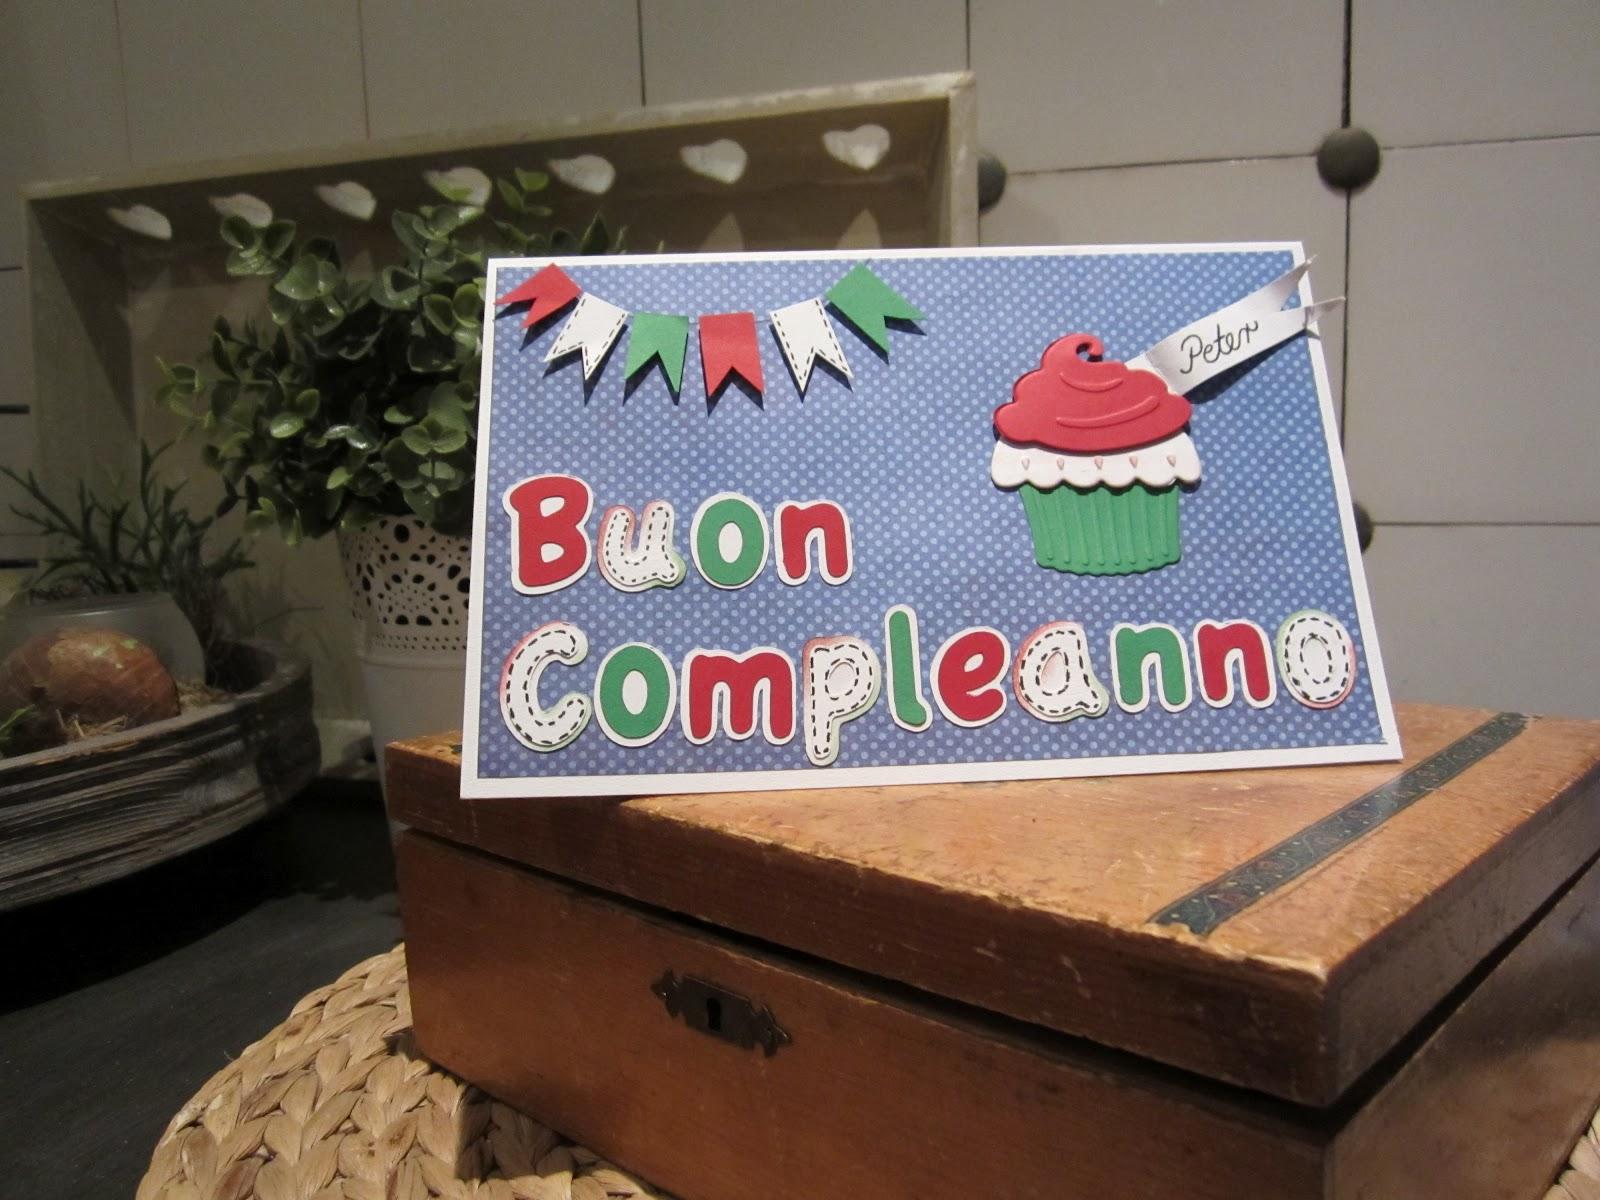 Geburtstag auf italienisch geburtstagsspr che - Gute besserung italienisch ...